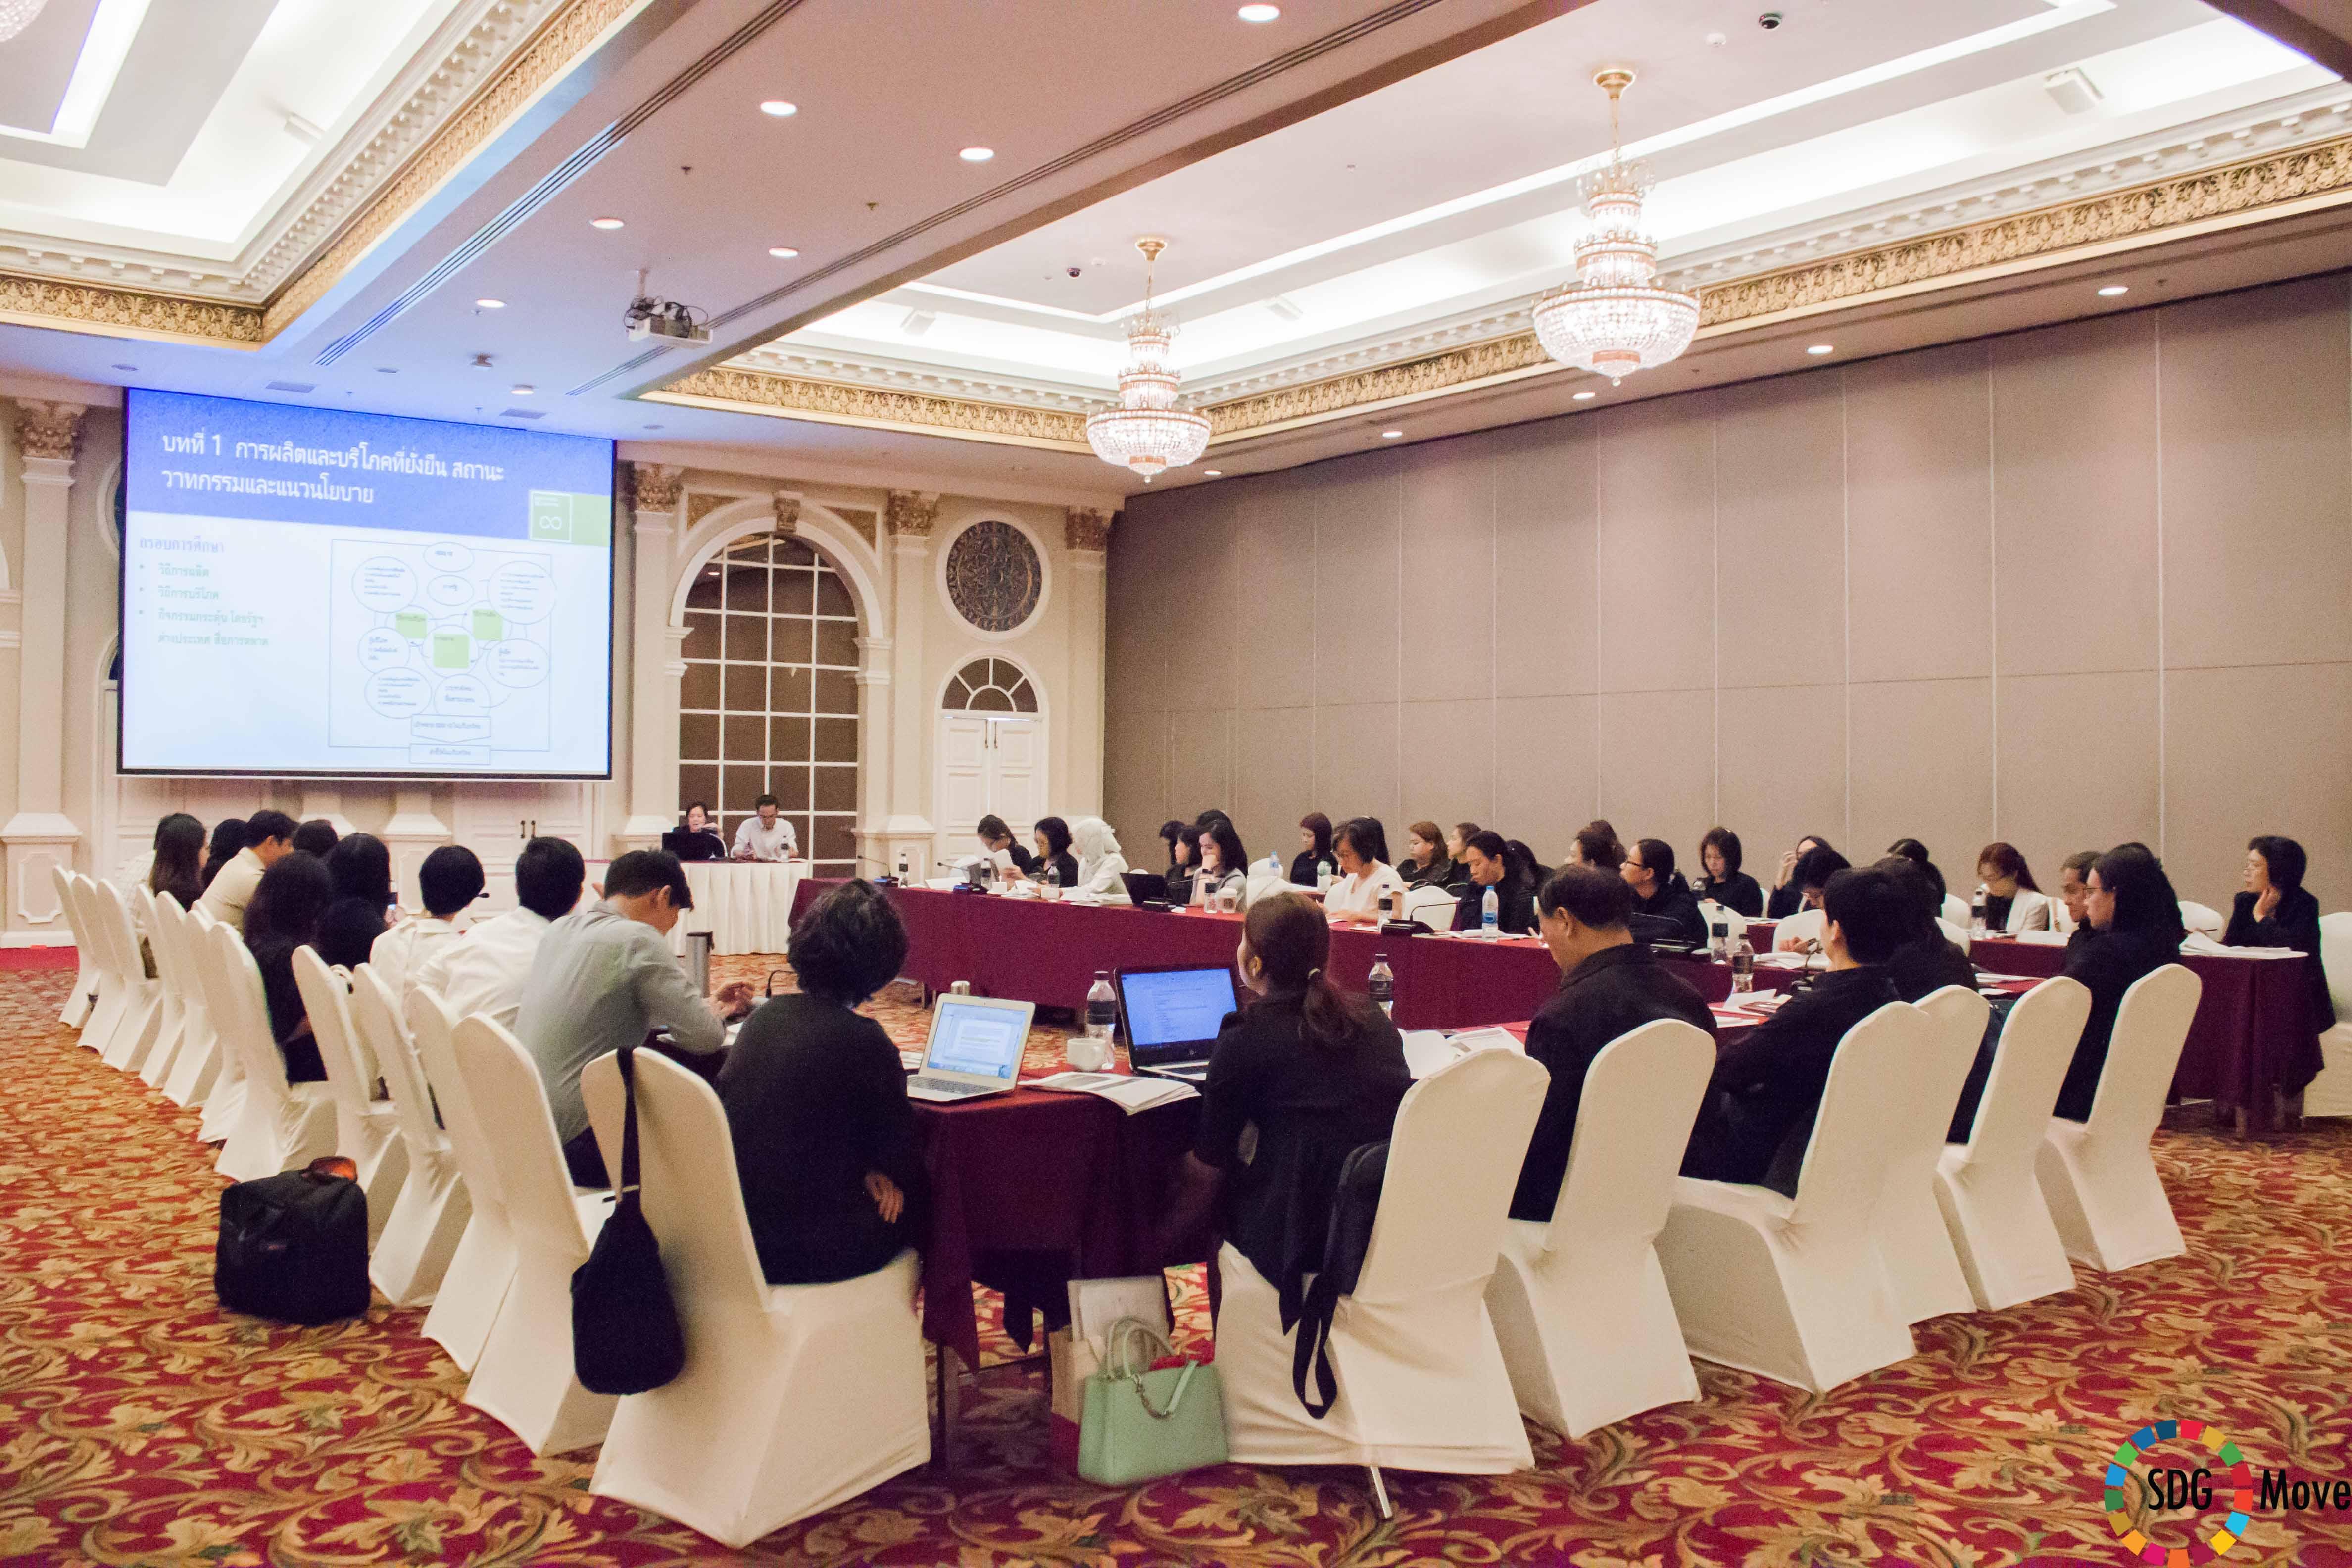 บรรยากาศงานการนำเสนอรายงานขั้นกลางโครงการสำรวจสถานะ SDGs ในประเทศไทยฯ เมื่อวันที่ 1 พฤษภาคม 2560